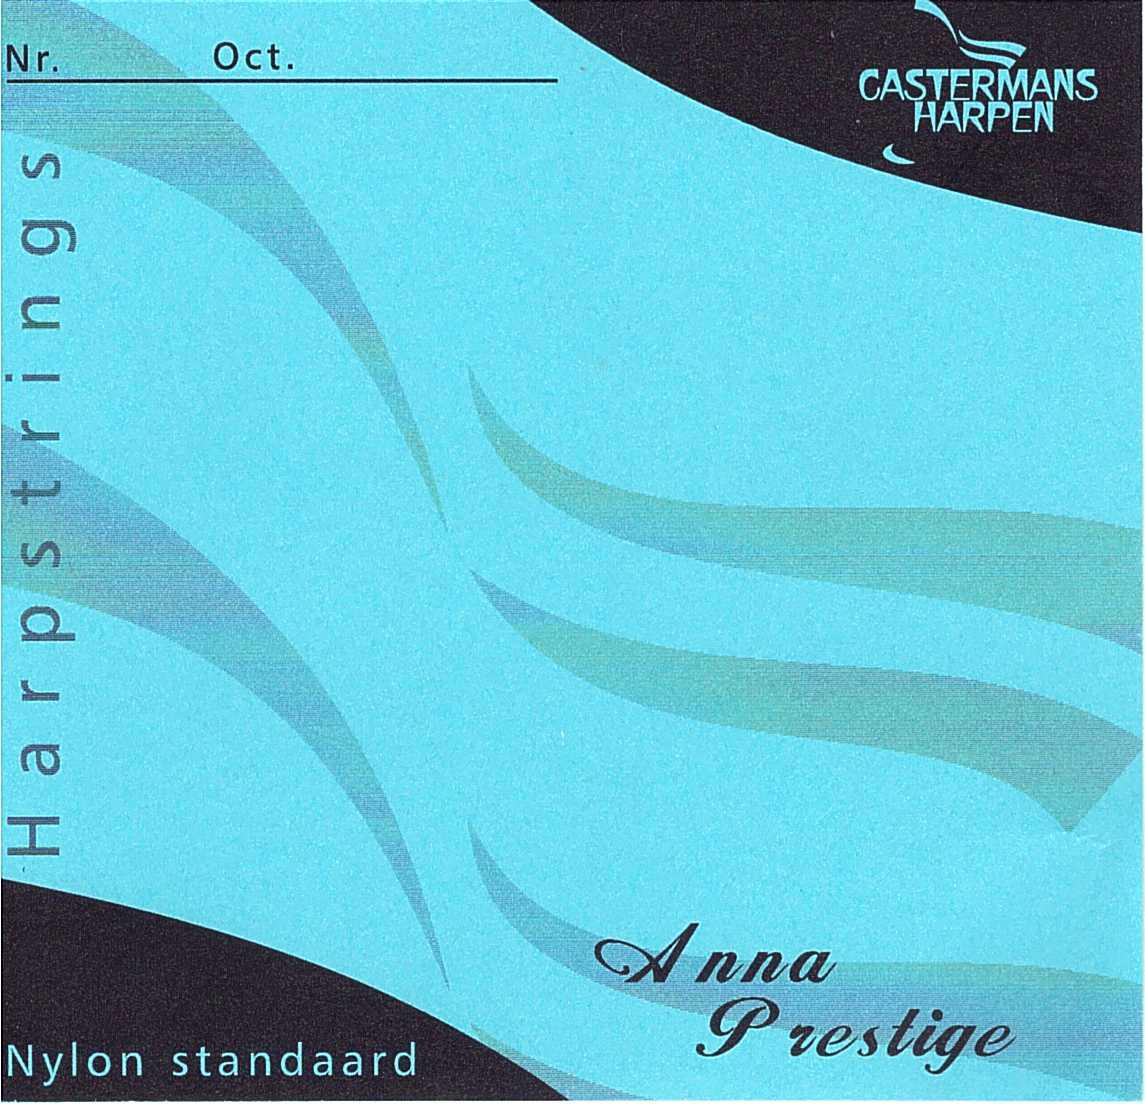 AP nylon standard (21)